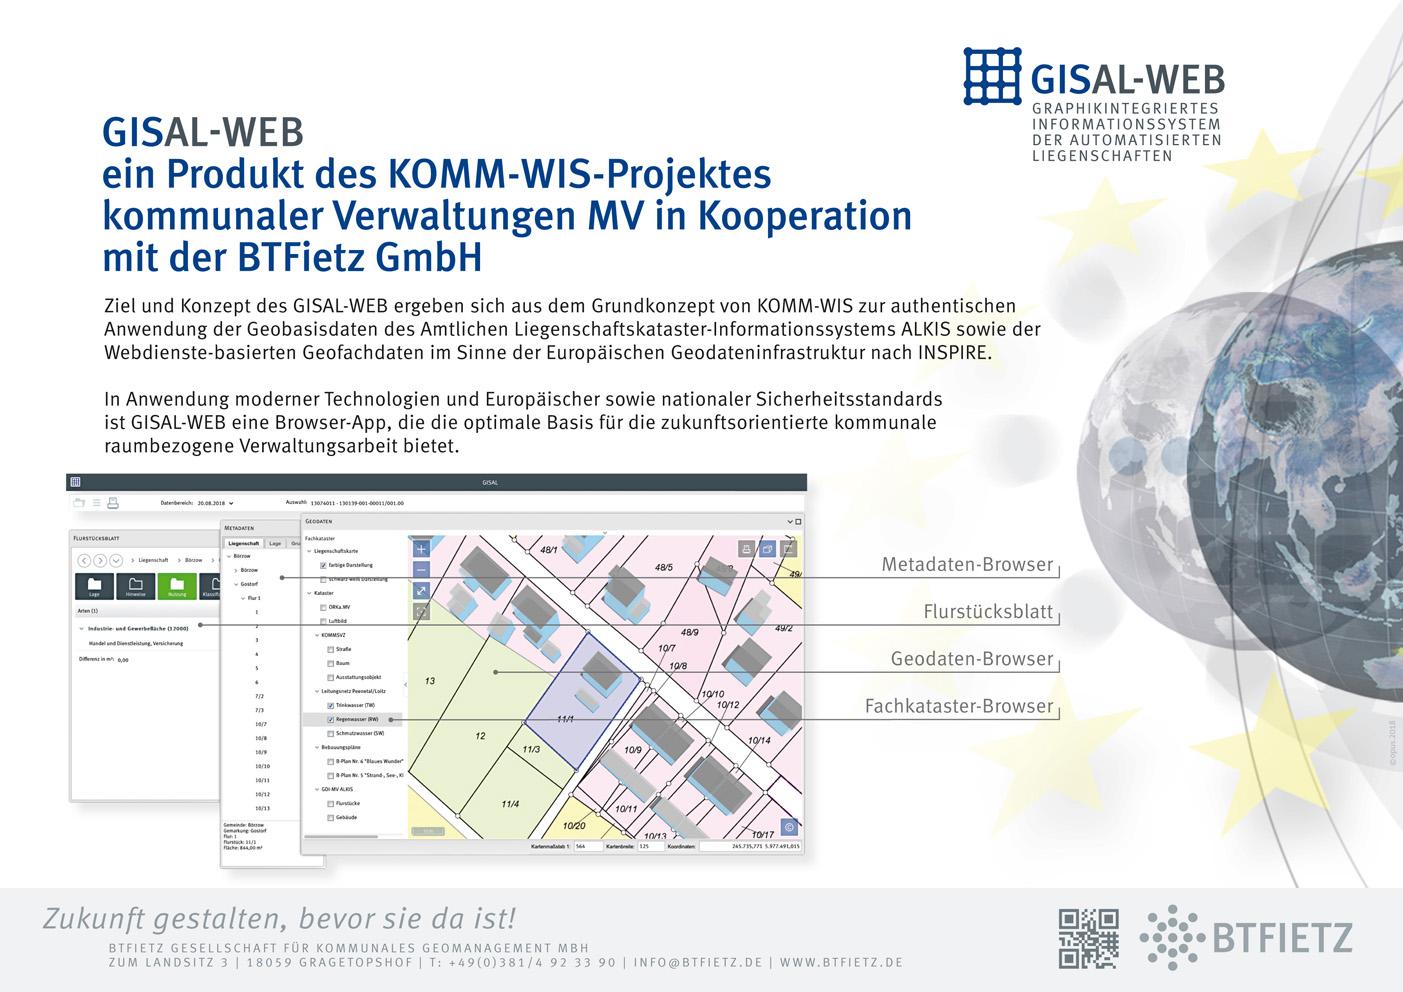 PB_GISAL-WEB_P_www_kl.jpg